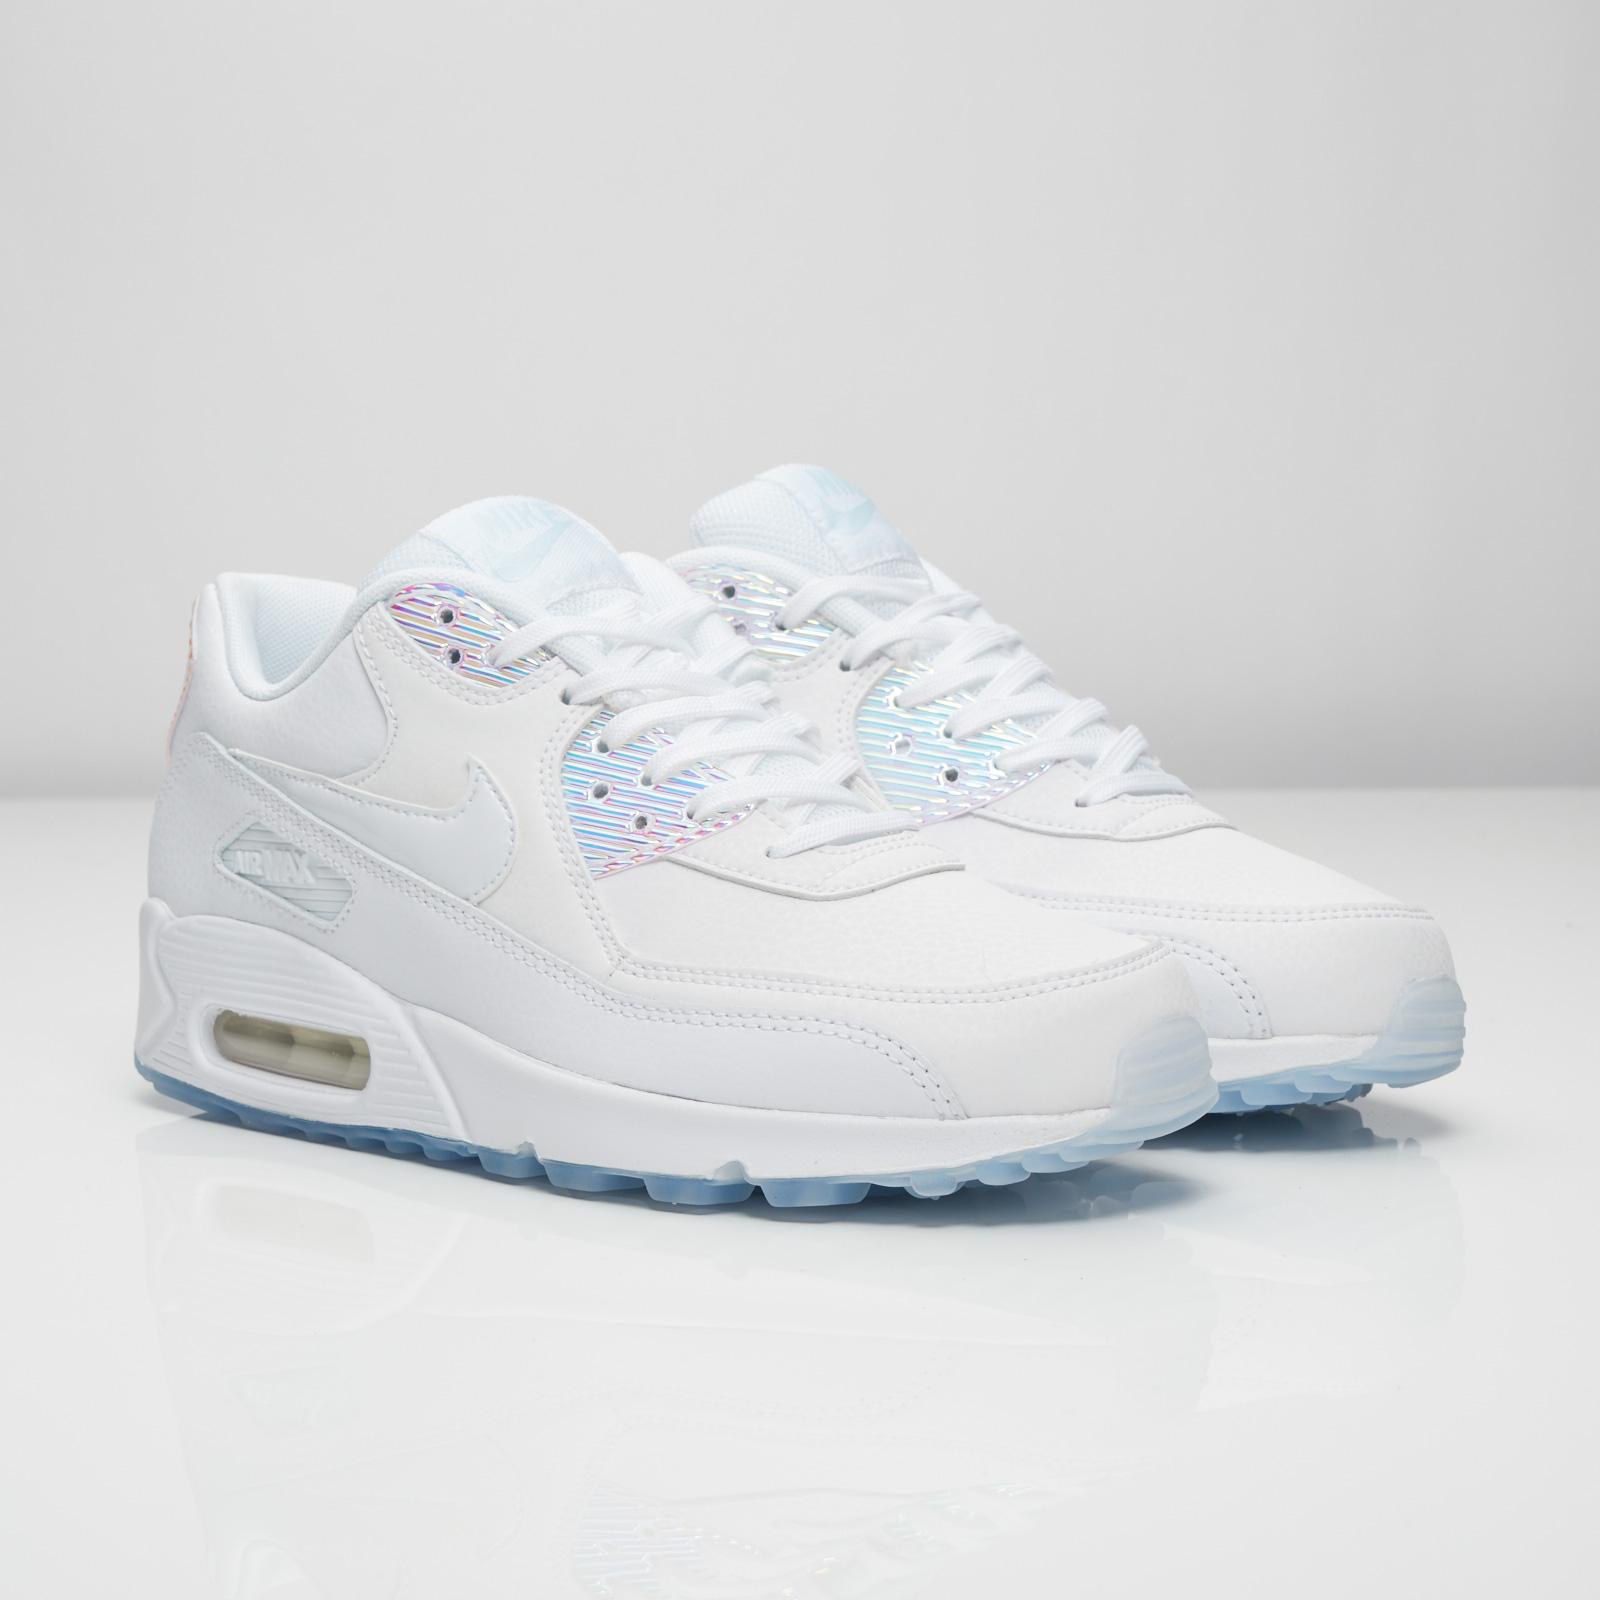 6c9c5e5500 ... WOMENS Nike Wmns Air Max 90 Premium ...